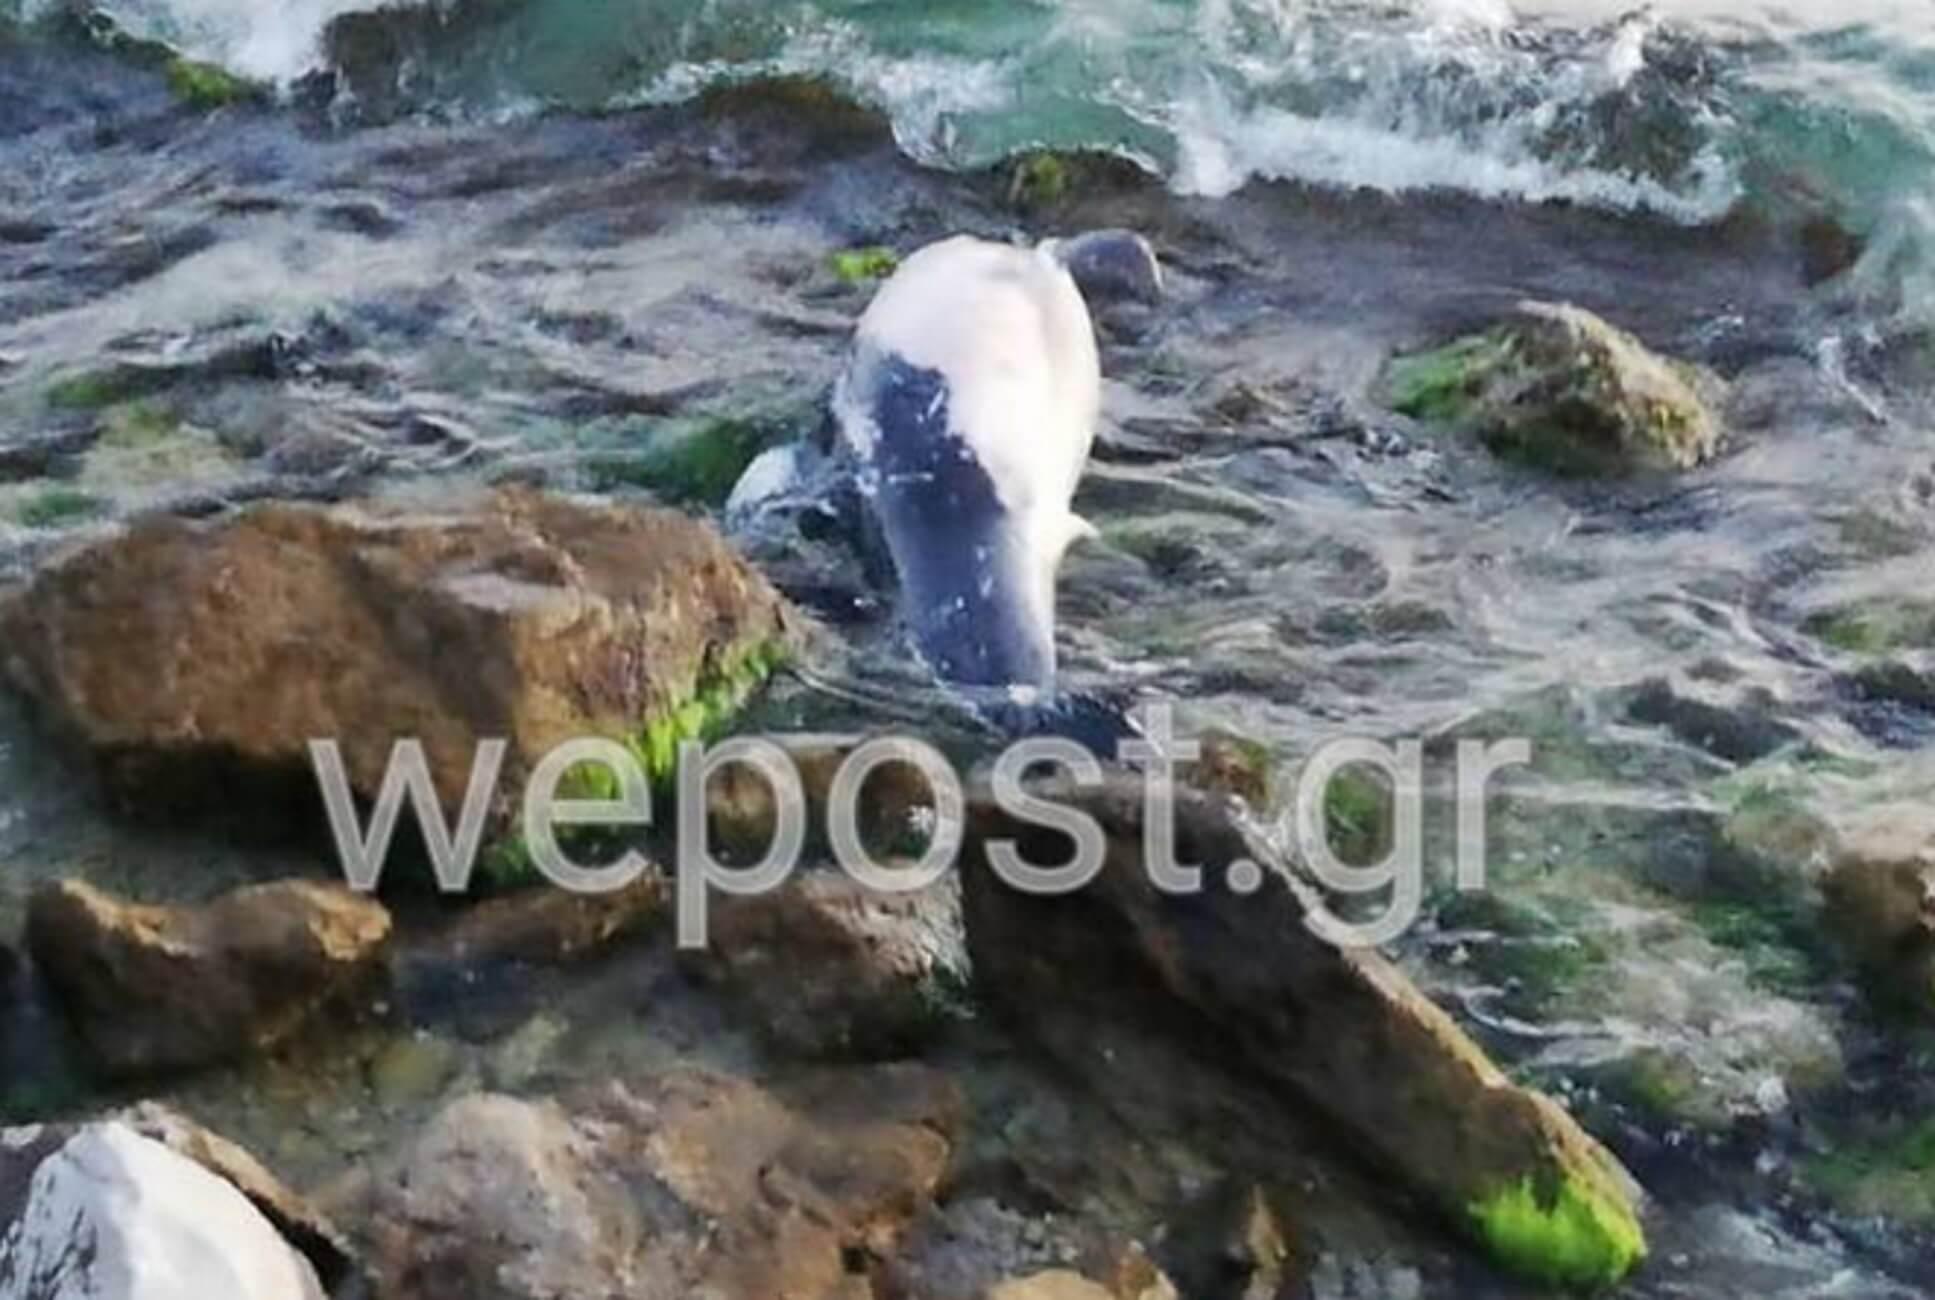 Θεσσαλονίκη: Κοίταξαν στα βράχια της παραλίας και είδαν εικόνες που τους χάλασαν το απόγευμα [pic, video]